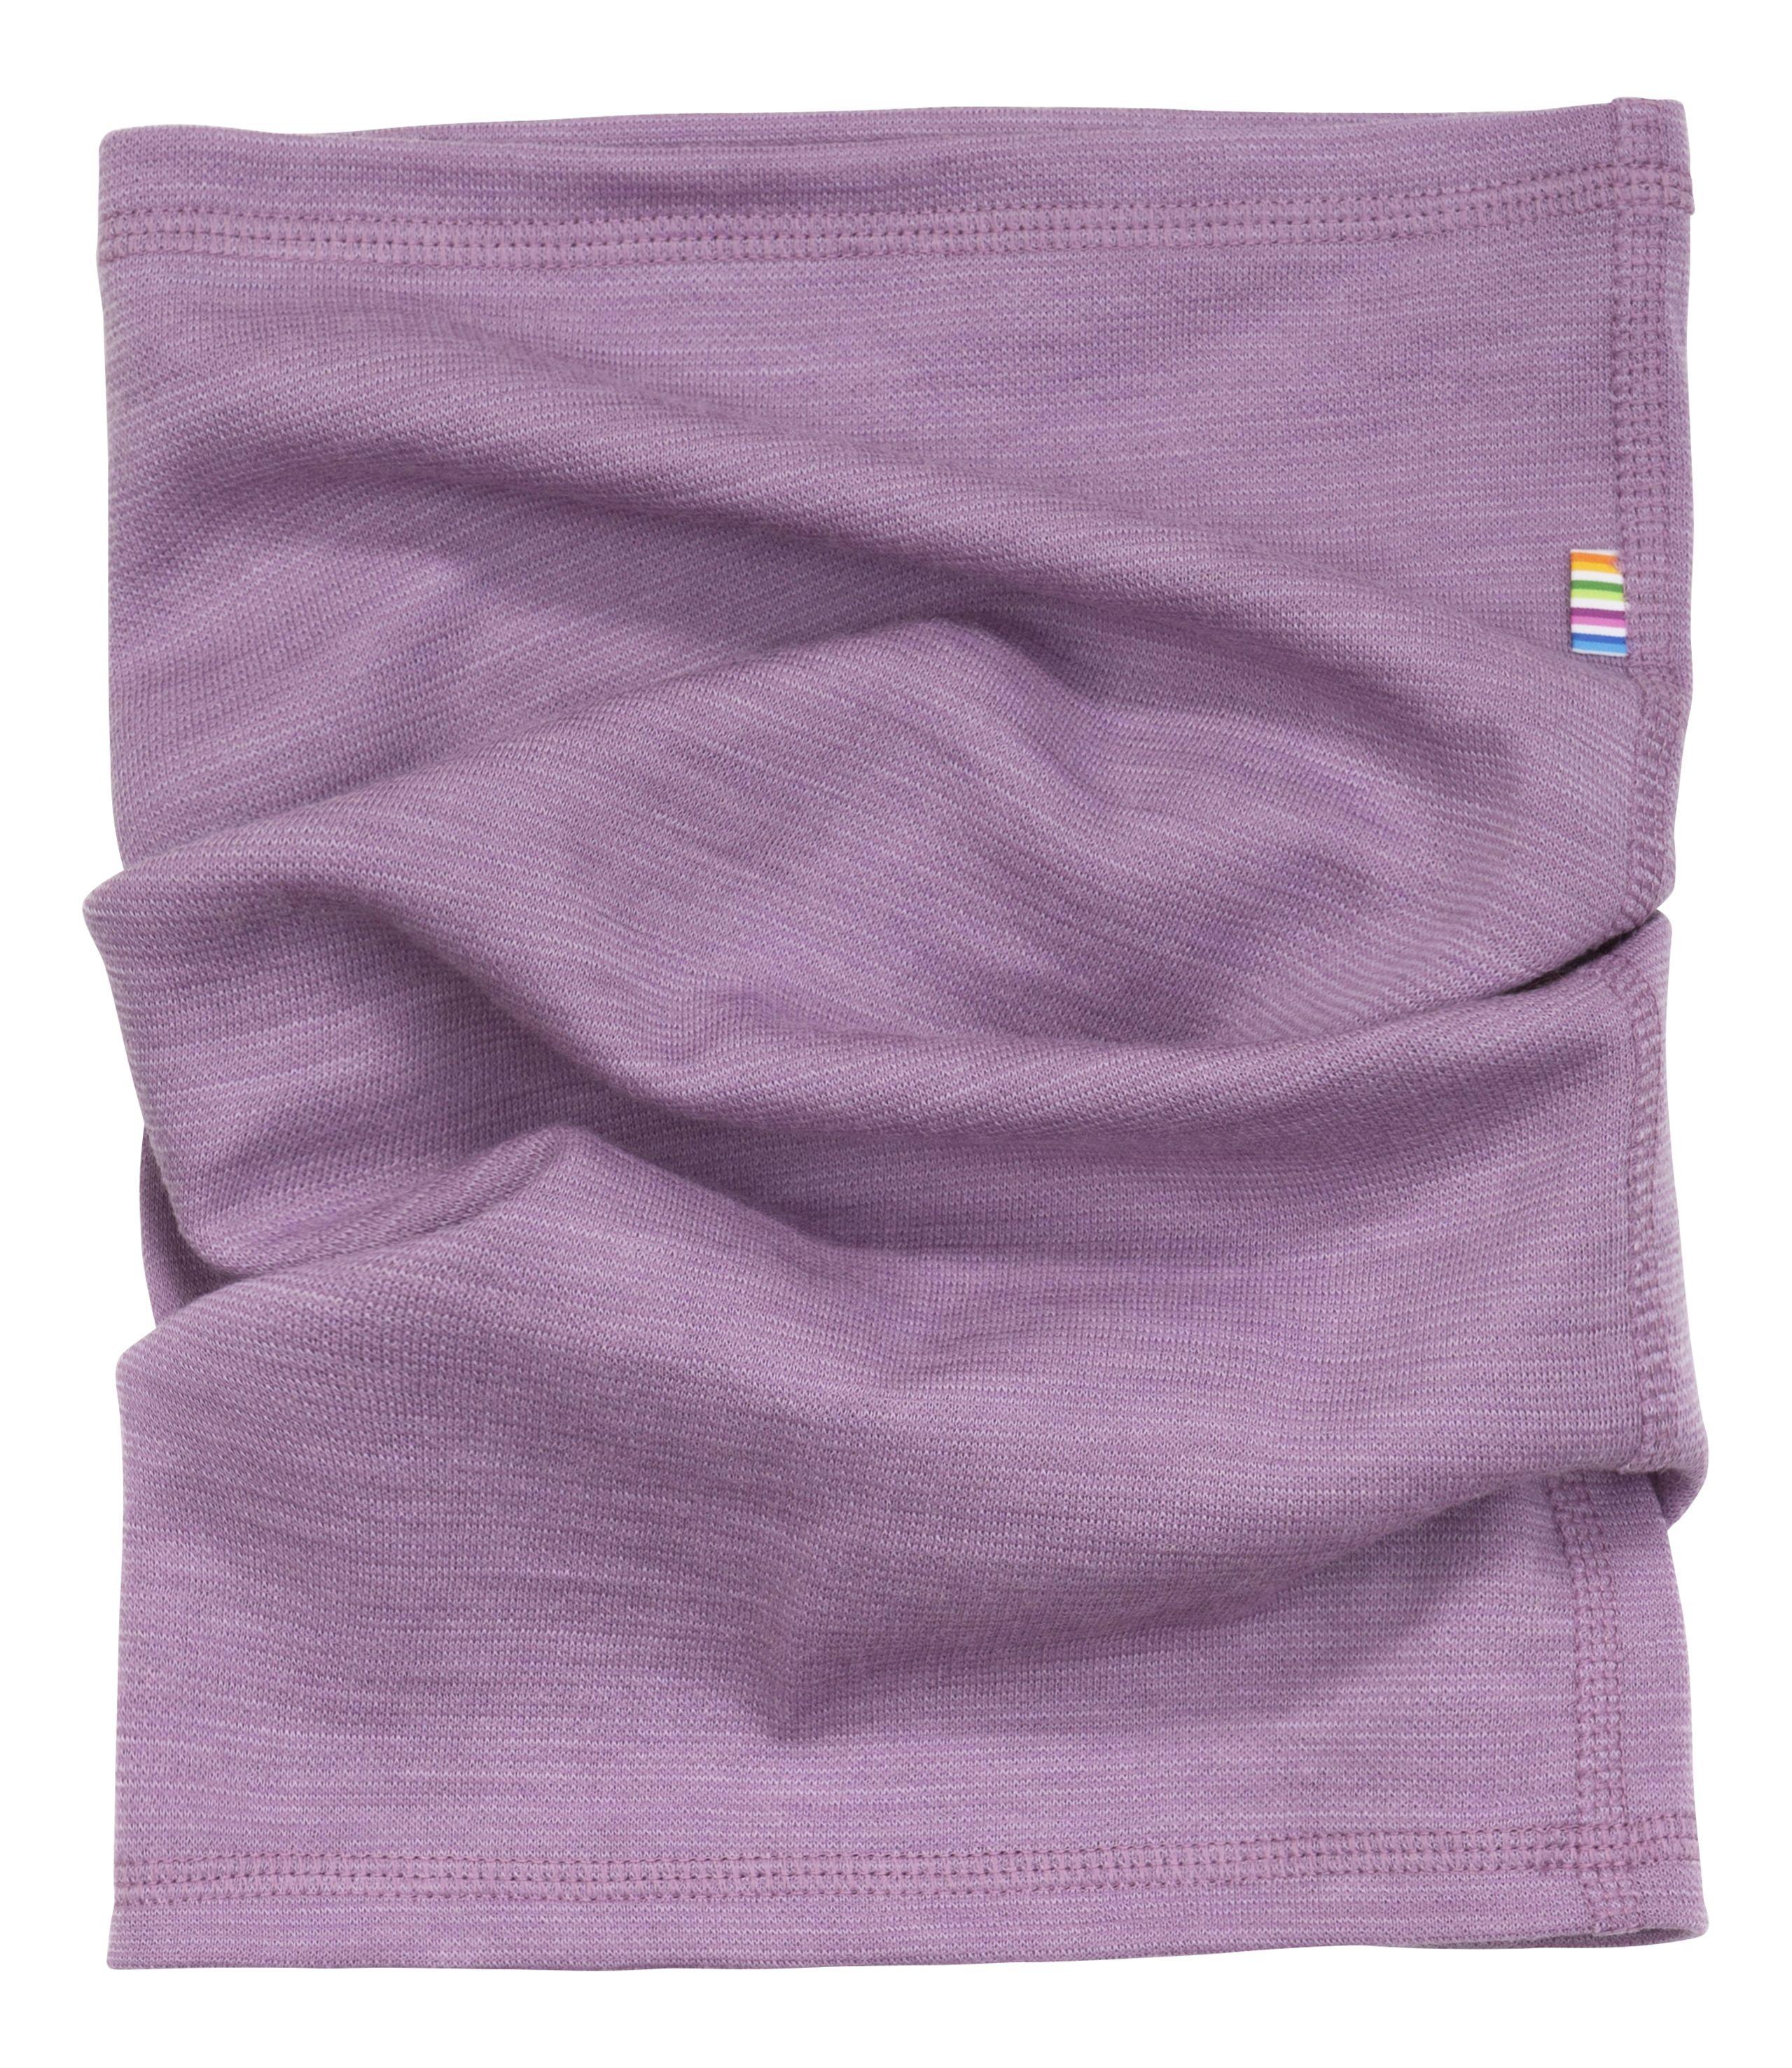 Billede af Halsedisse fra Joha i uld - Lavender Melange